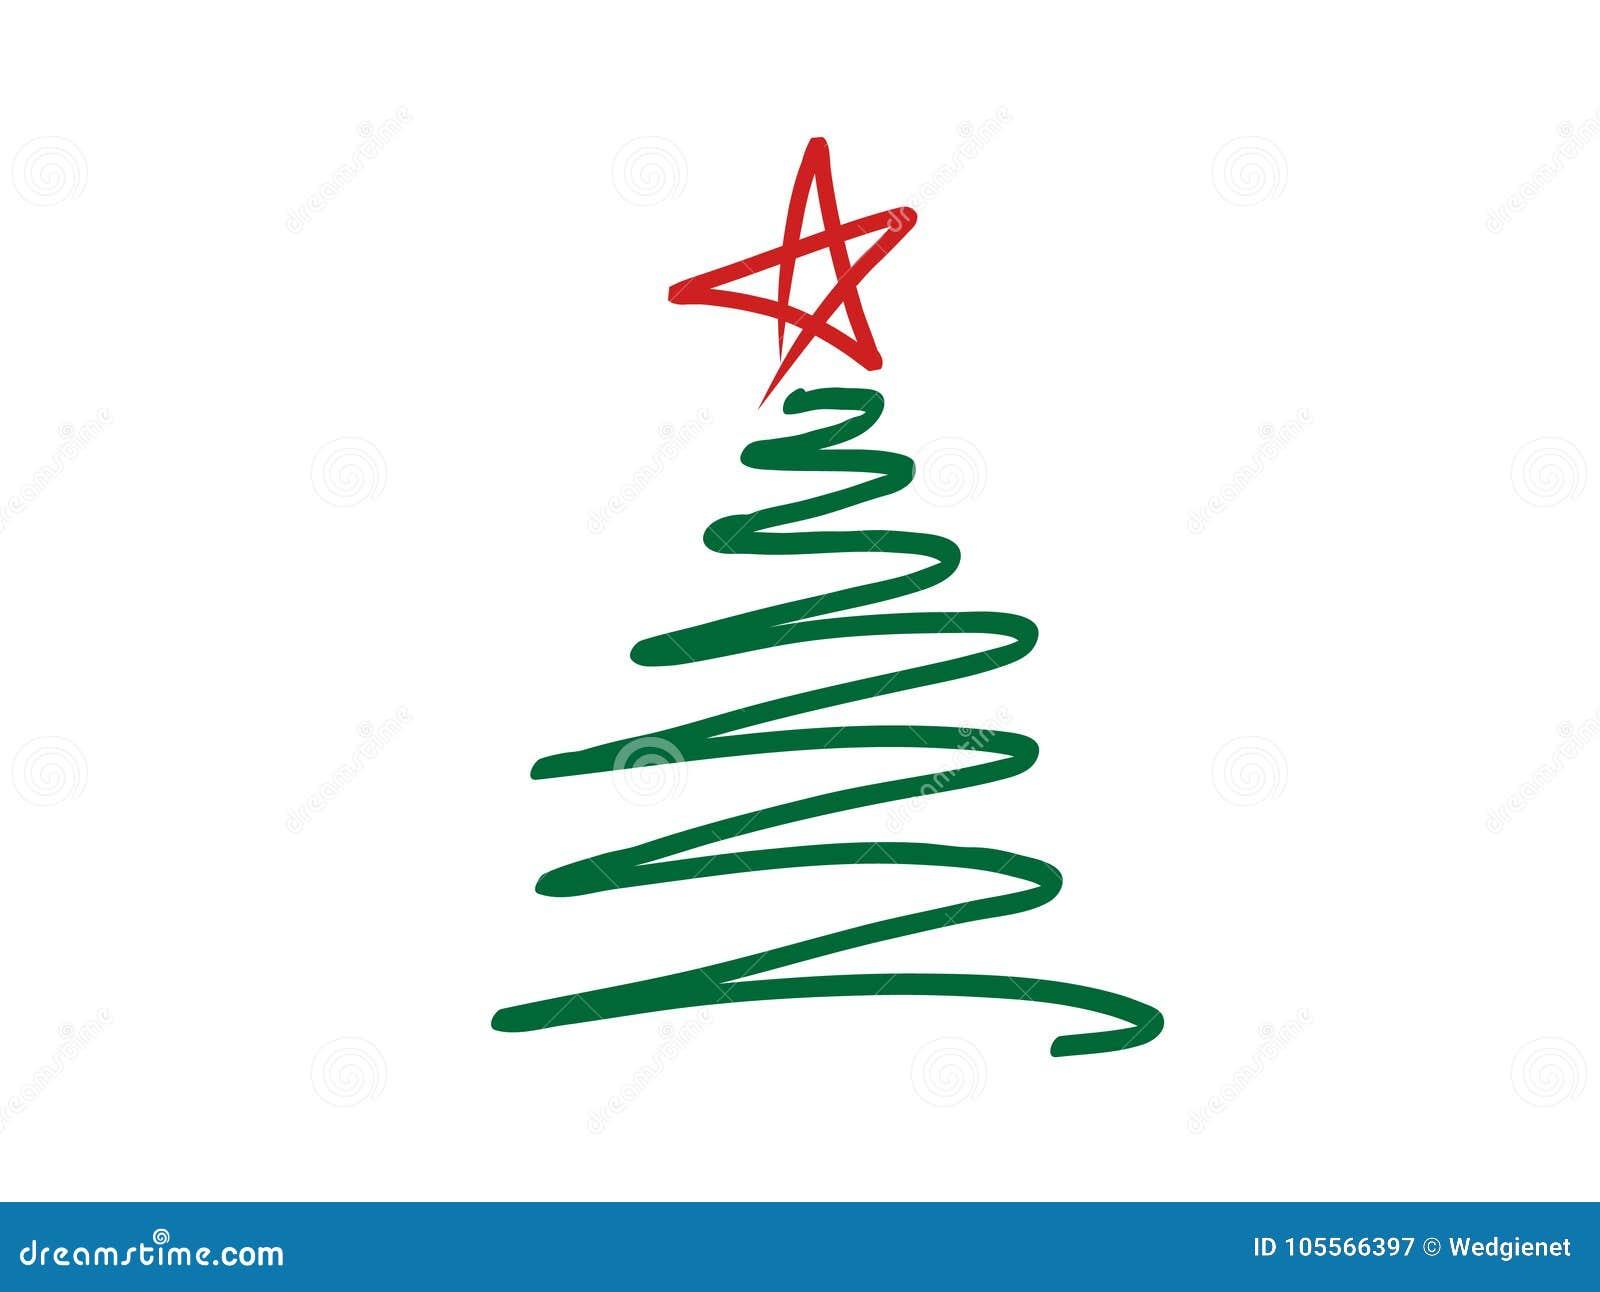 Vektorillustrationen av denstil stiliserade julgranen klottrar med den röda stjärnan överst